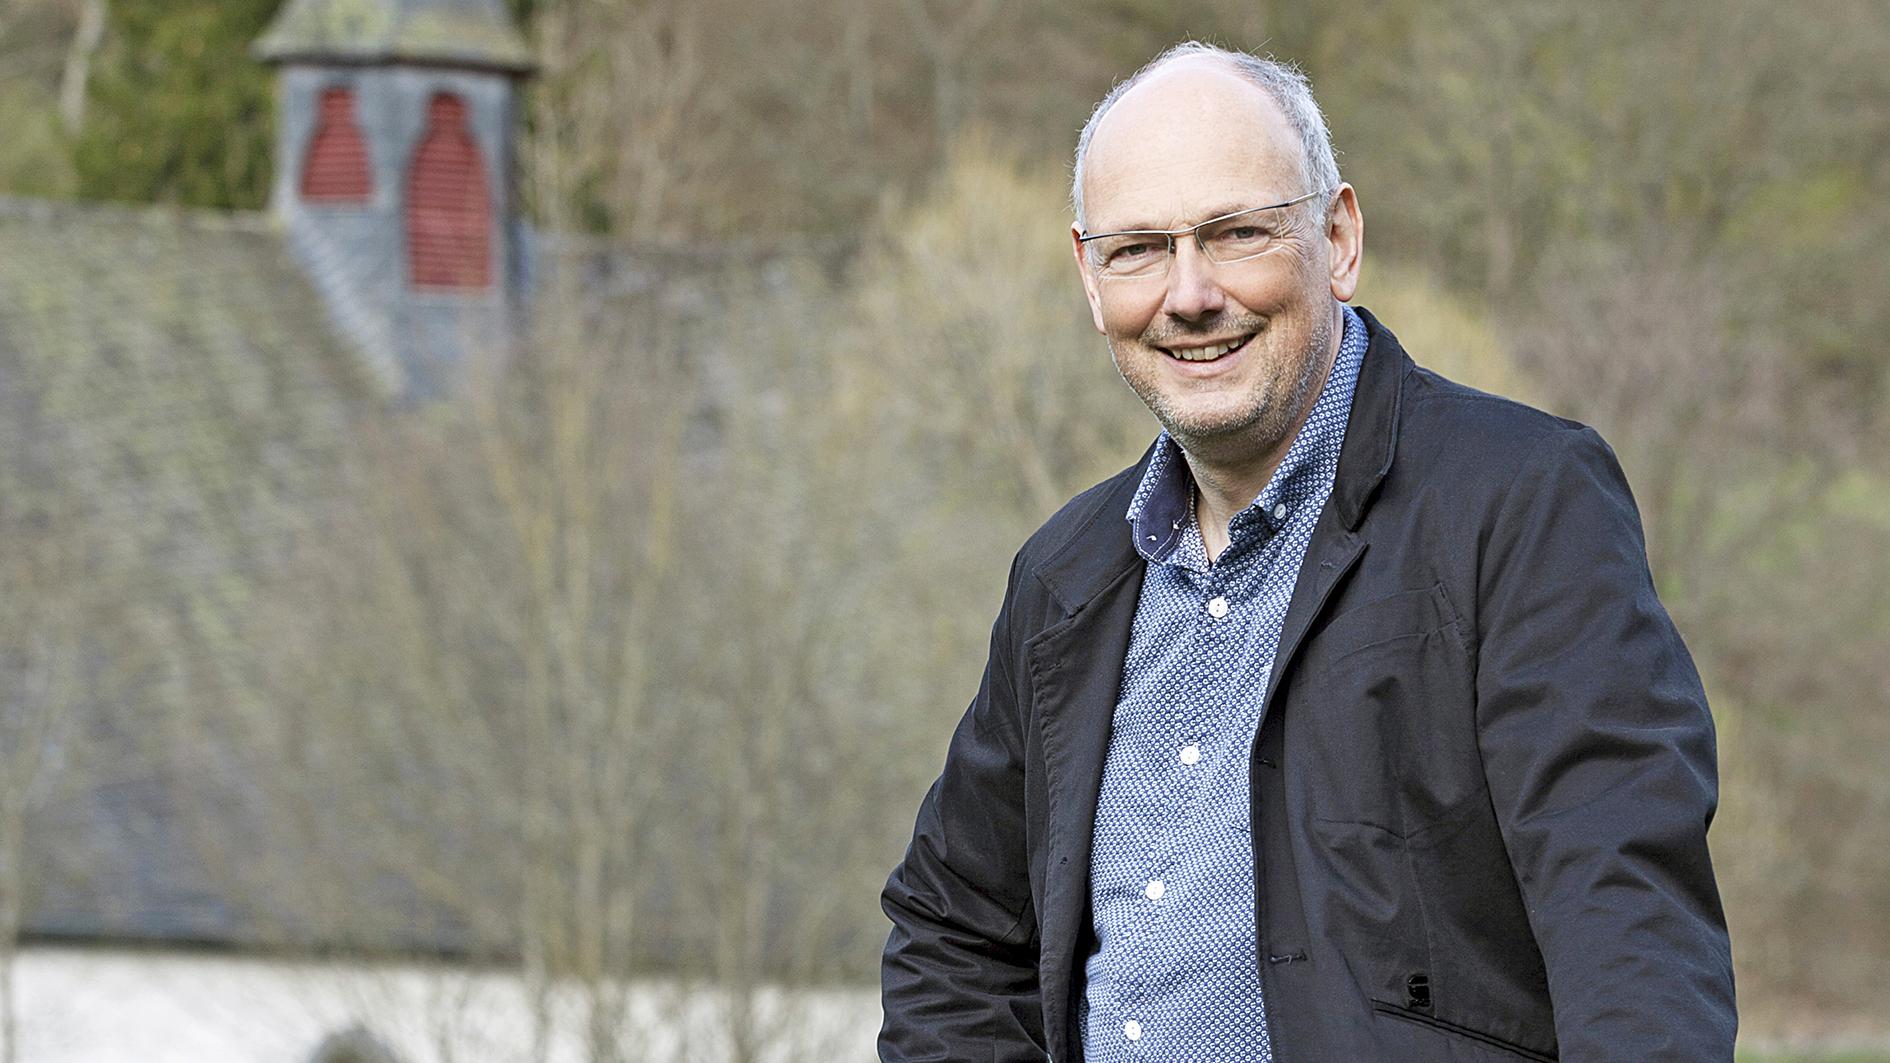 Martin Schmitt, Bundestagskandidat von BÜNDNIS 90/DIE GRÜNEN für den Wahlkreis Ahrweiler/Mayen - Foto: privat